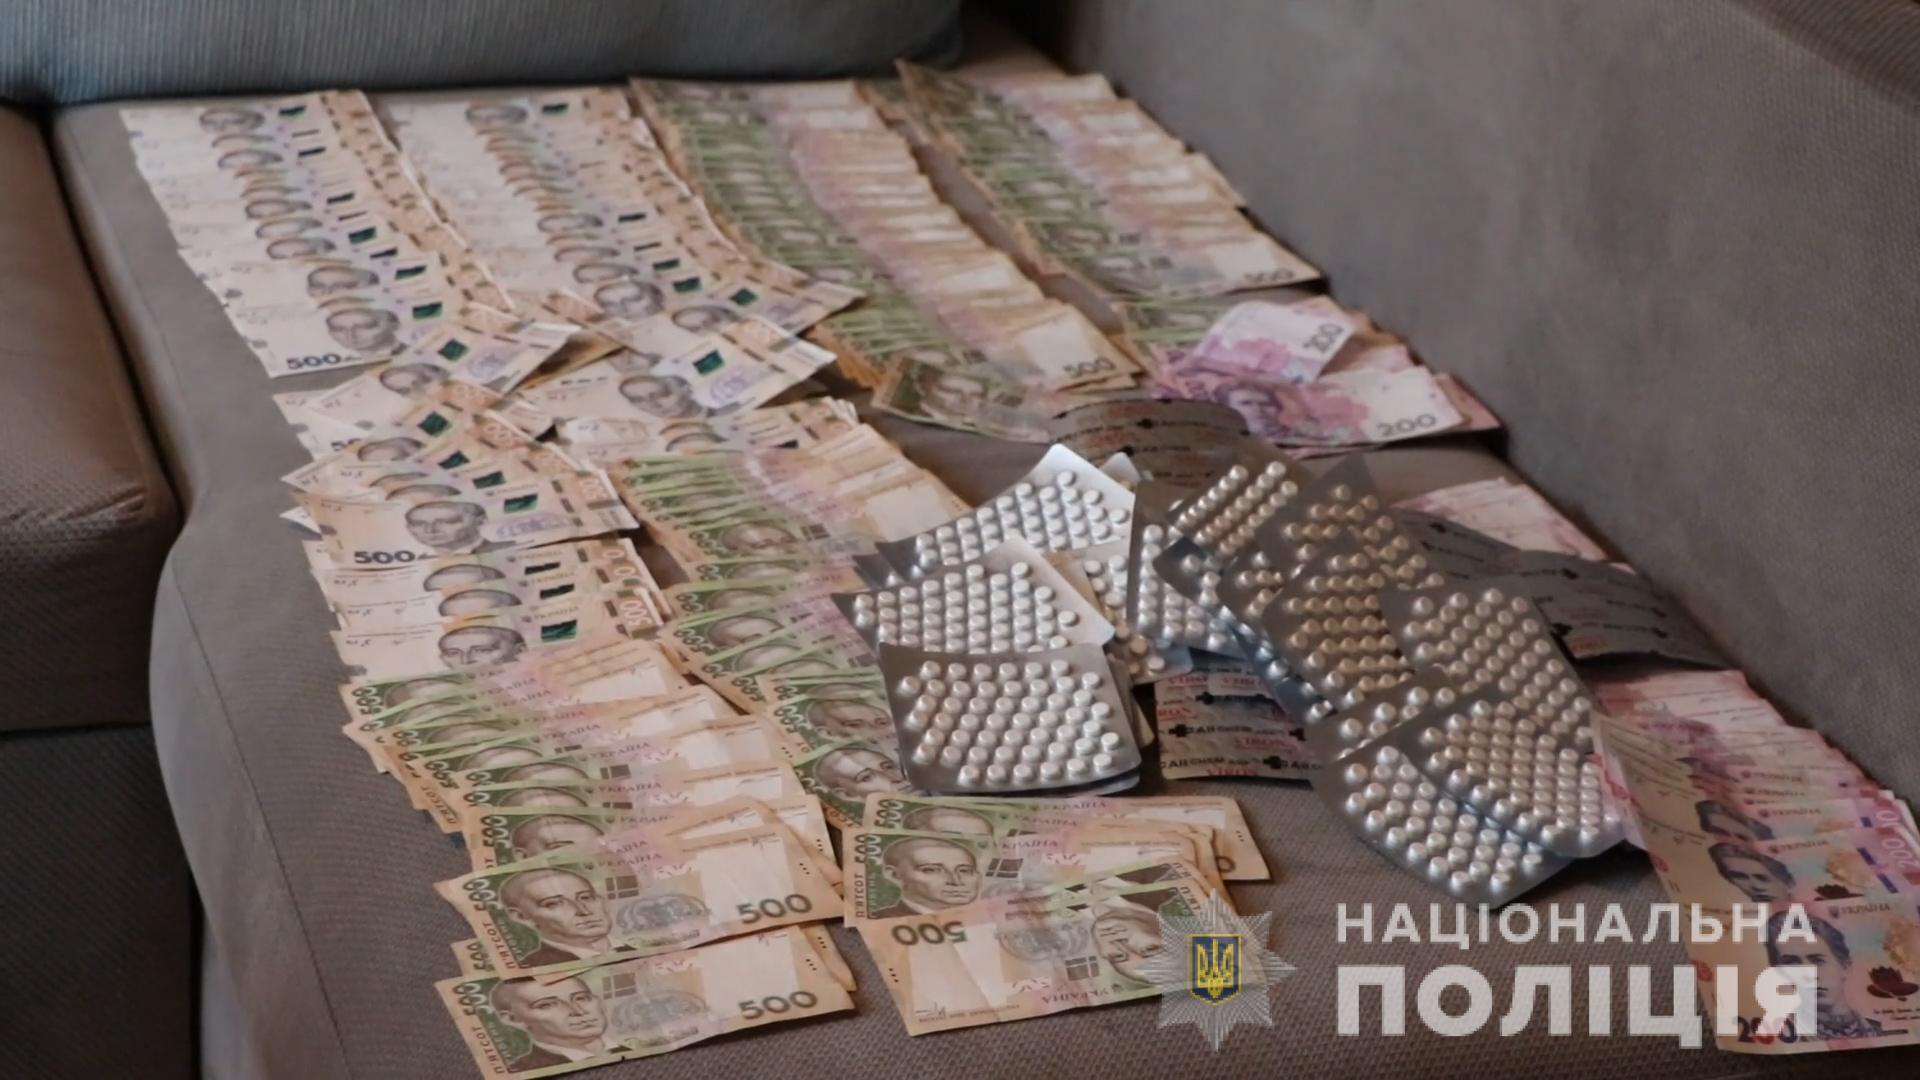 Харьковчанин пойман с сильнодействующими лекарственными средствами на сумму 3,5 млн гривен (фото)